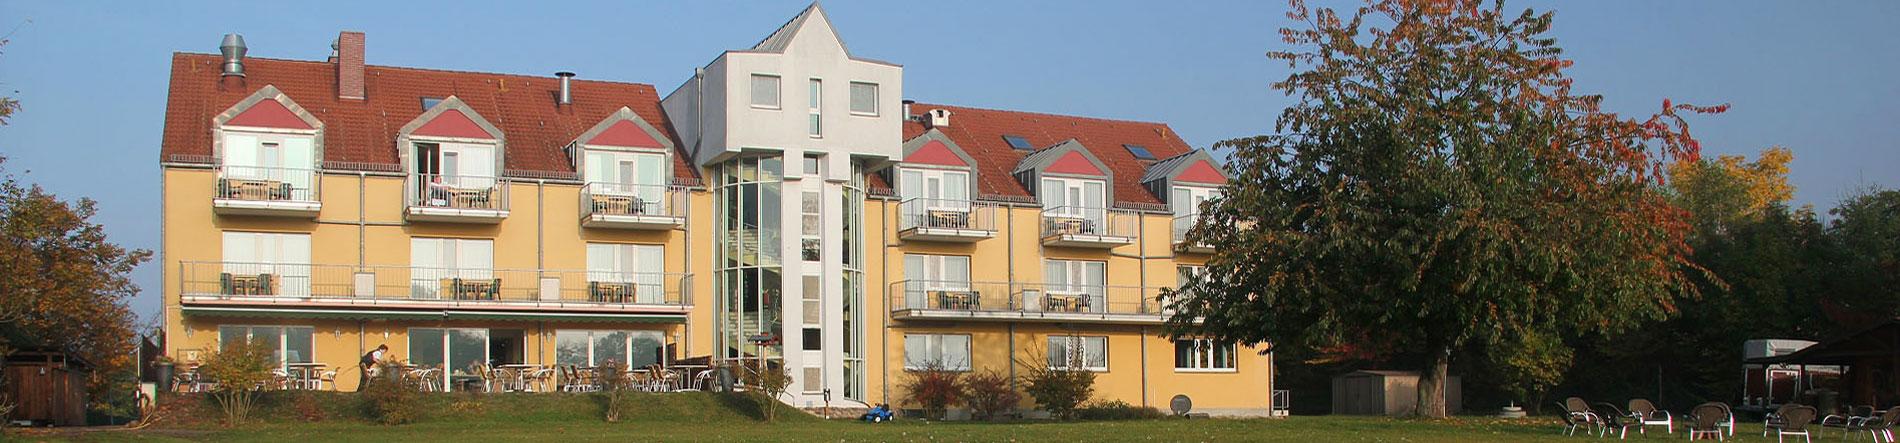 Header Landhotel Löwenbruch alt